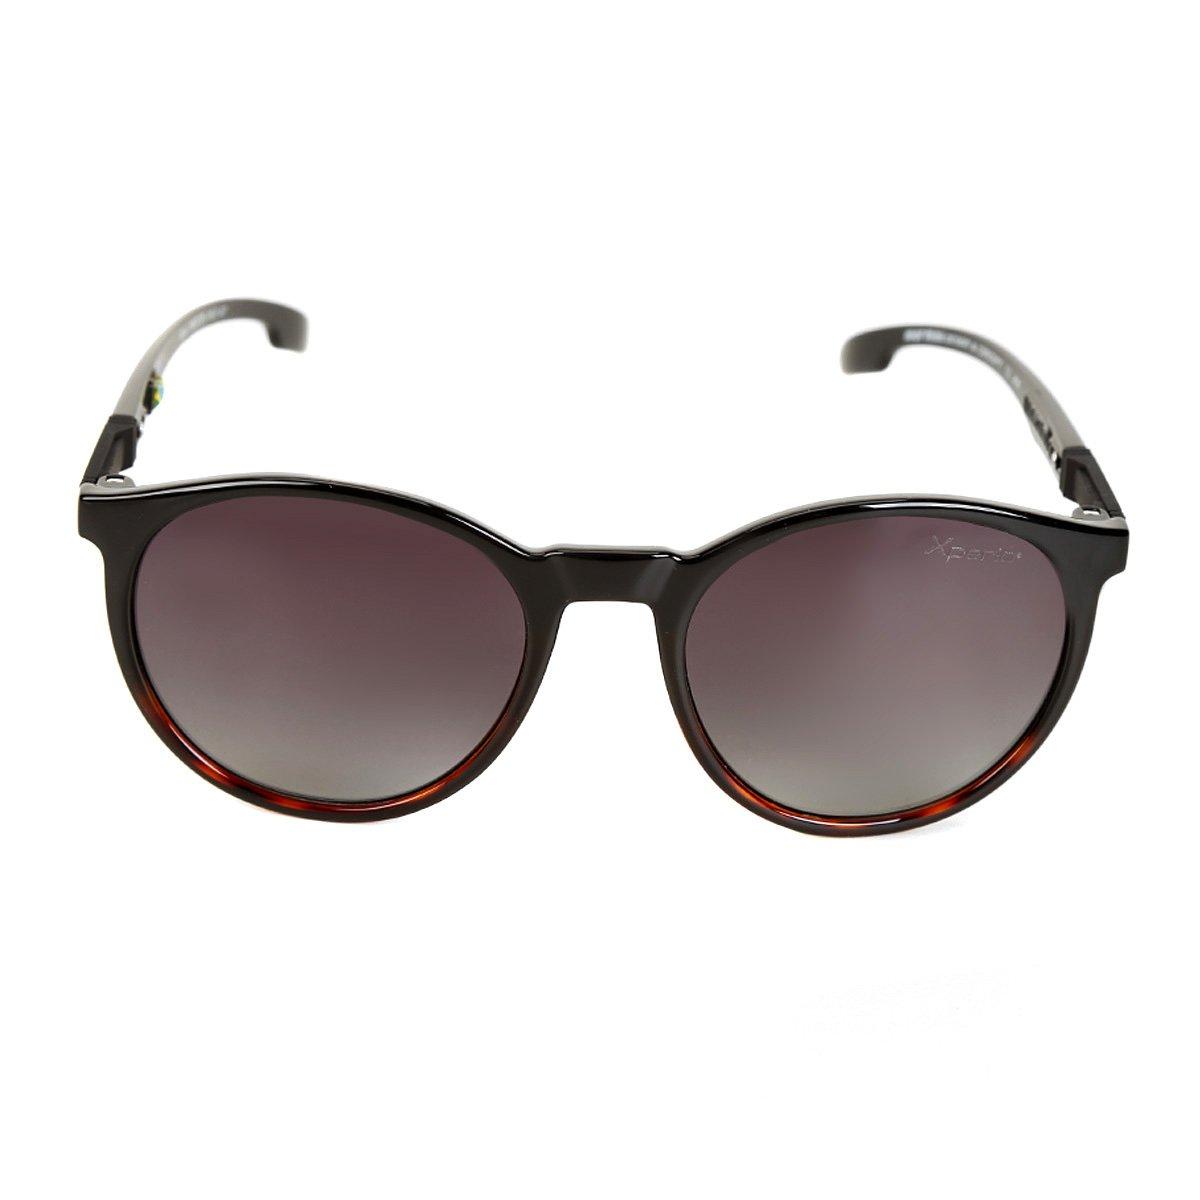 514428c76 Óculos de Sol Mormaii Maui Gatinho Feminino | Livelo -Sua Vida com ...